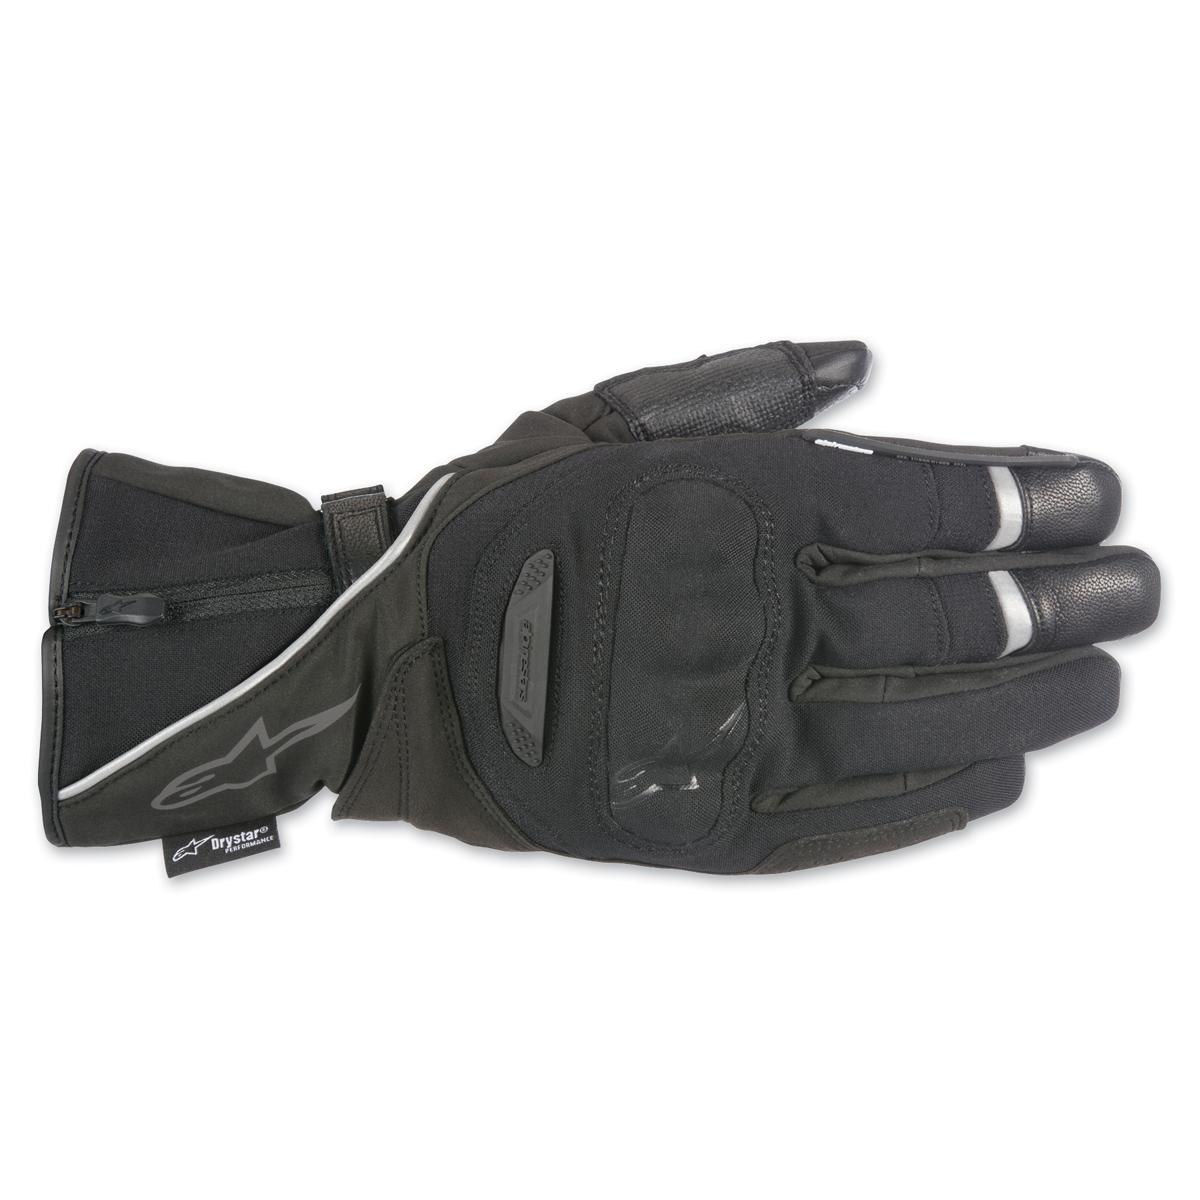 Alpinestars Men's Primer Drystar Black Leather Gloves